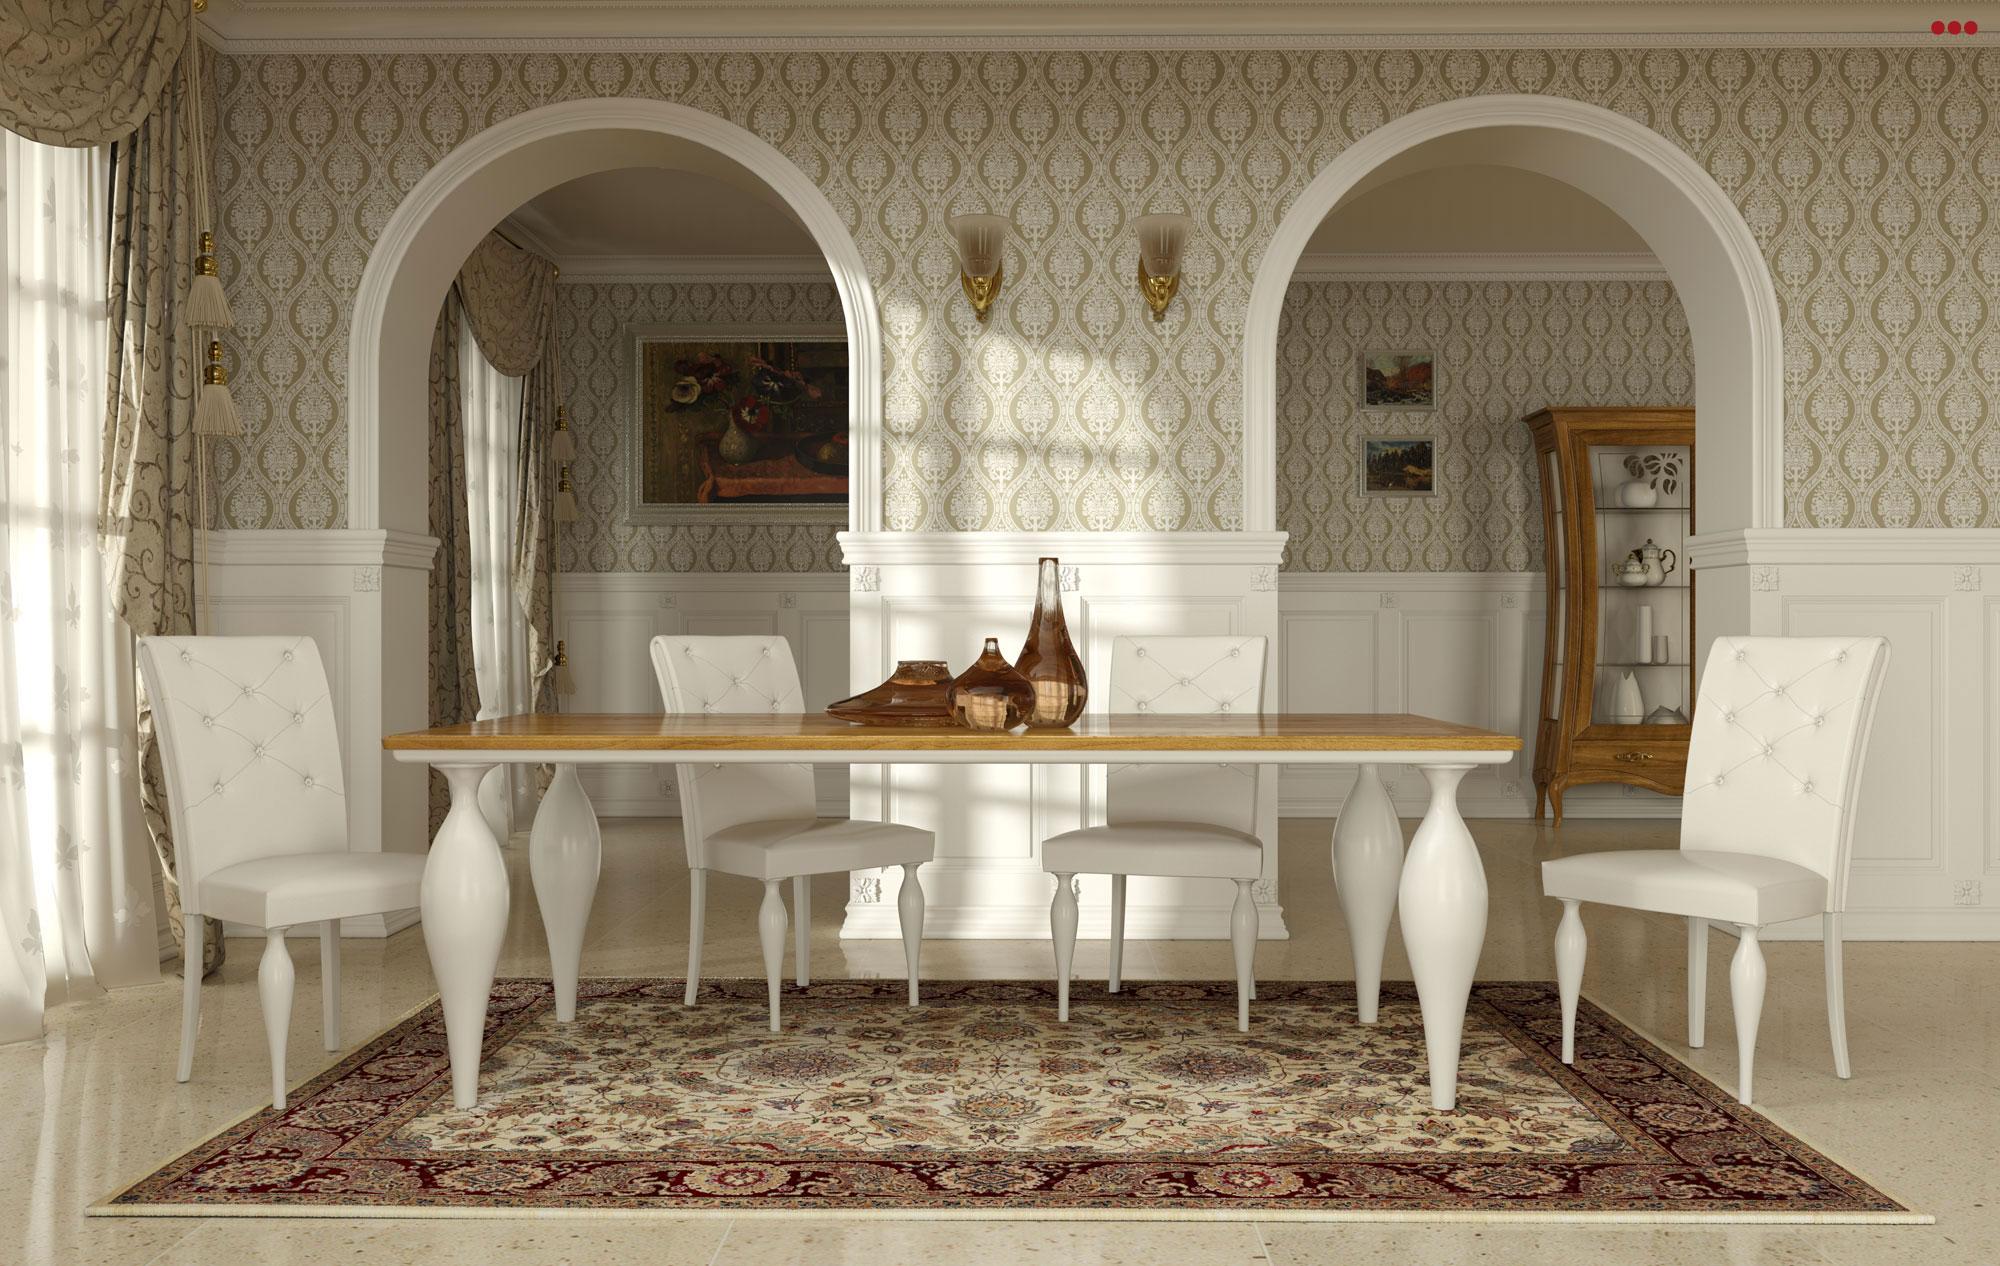 Studio Bartolini rendering grafico 3D catalogo Stilema La Dolce Vita 2012 mobile classico tavolo sedie